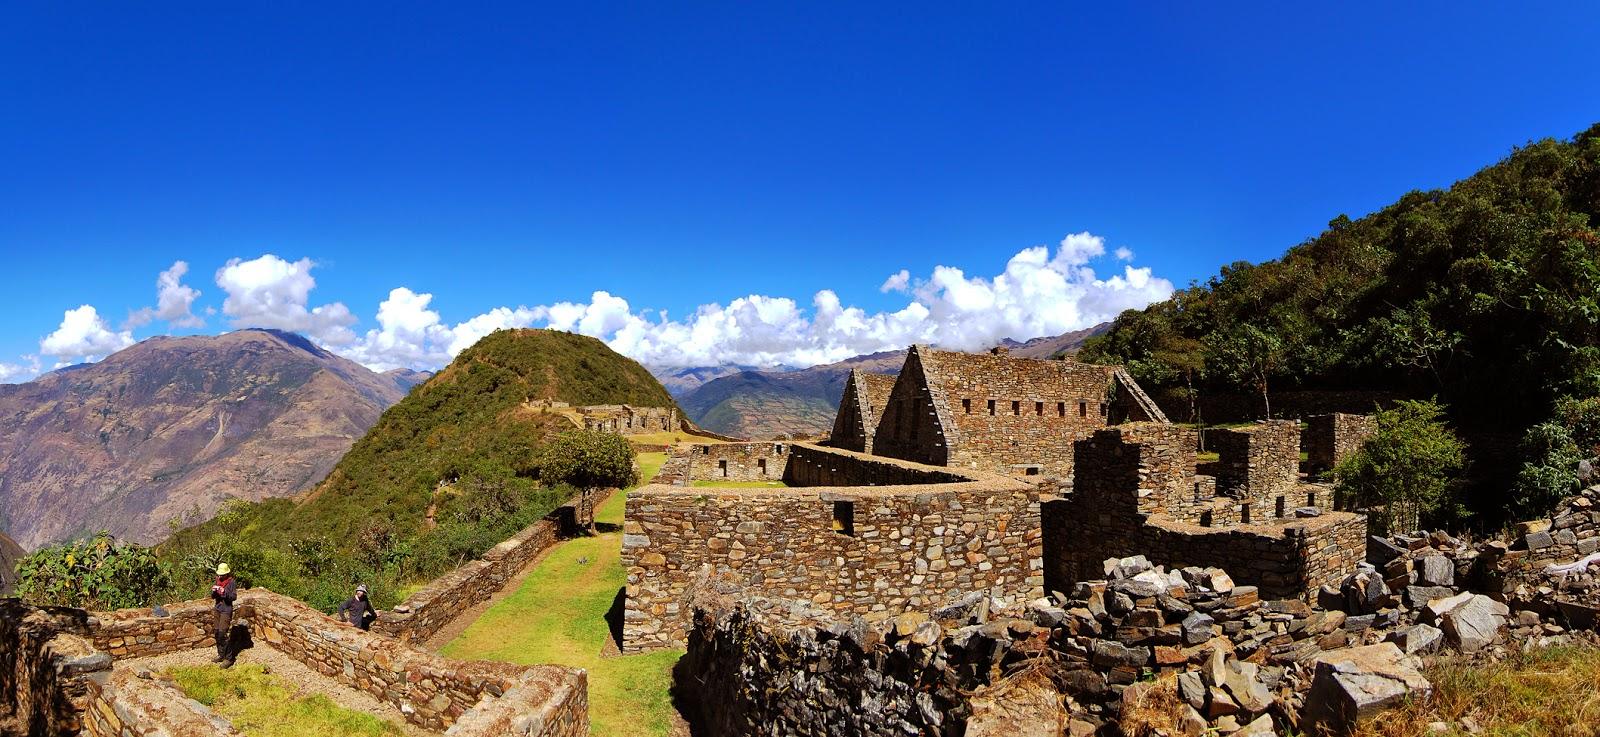 Paisajes espectaculares en las ruinas de Choquequirao en Perú